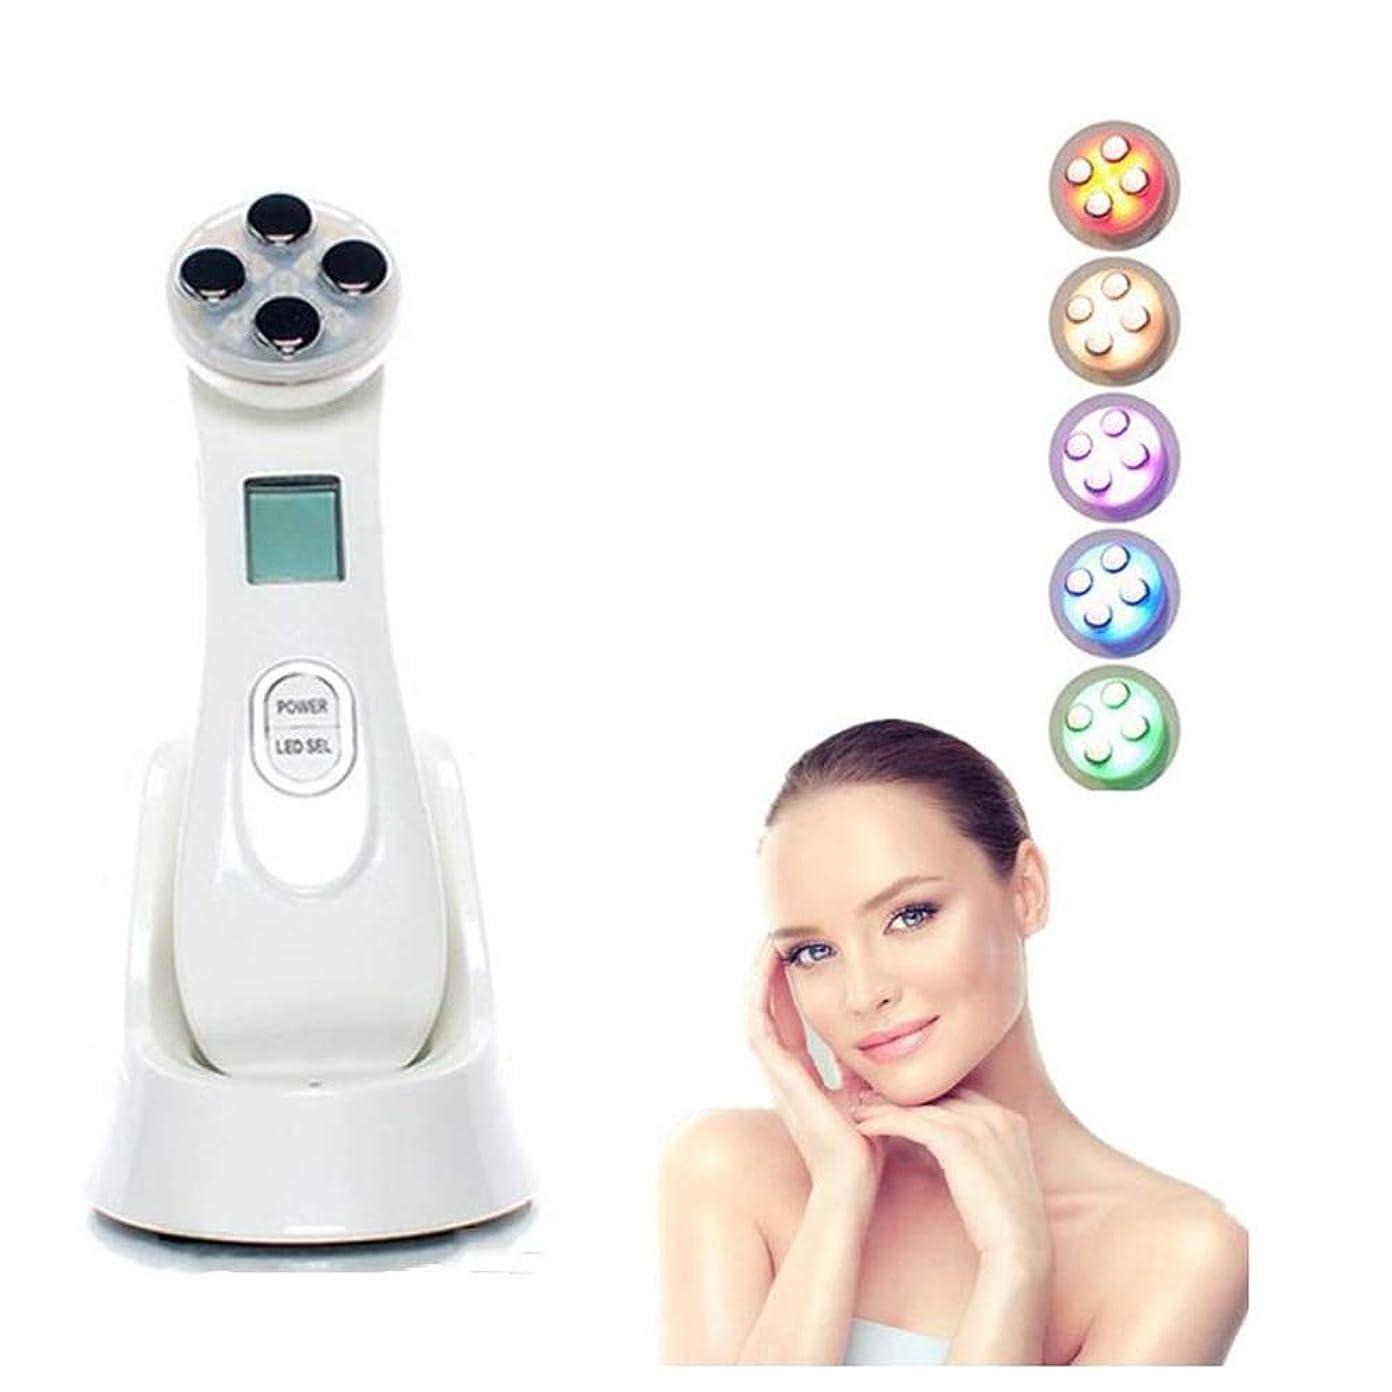 穴人柄歌詞しわの美白肌の若返りホームスキンケア美容機器フェイシャルマシンと5 in 1赤色LED光線療法と6モード